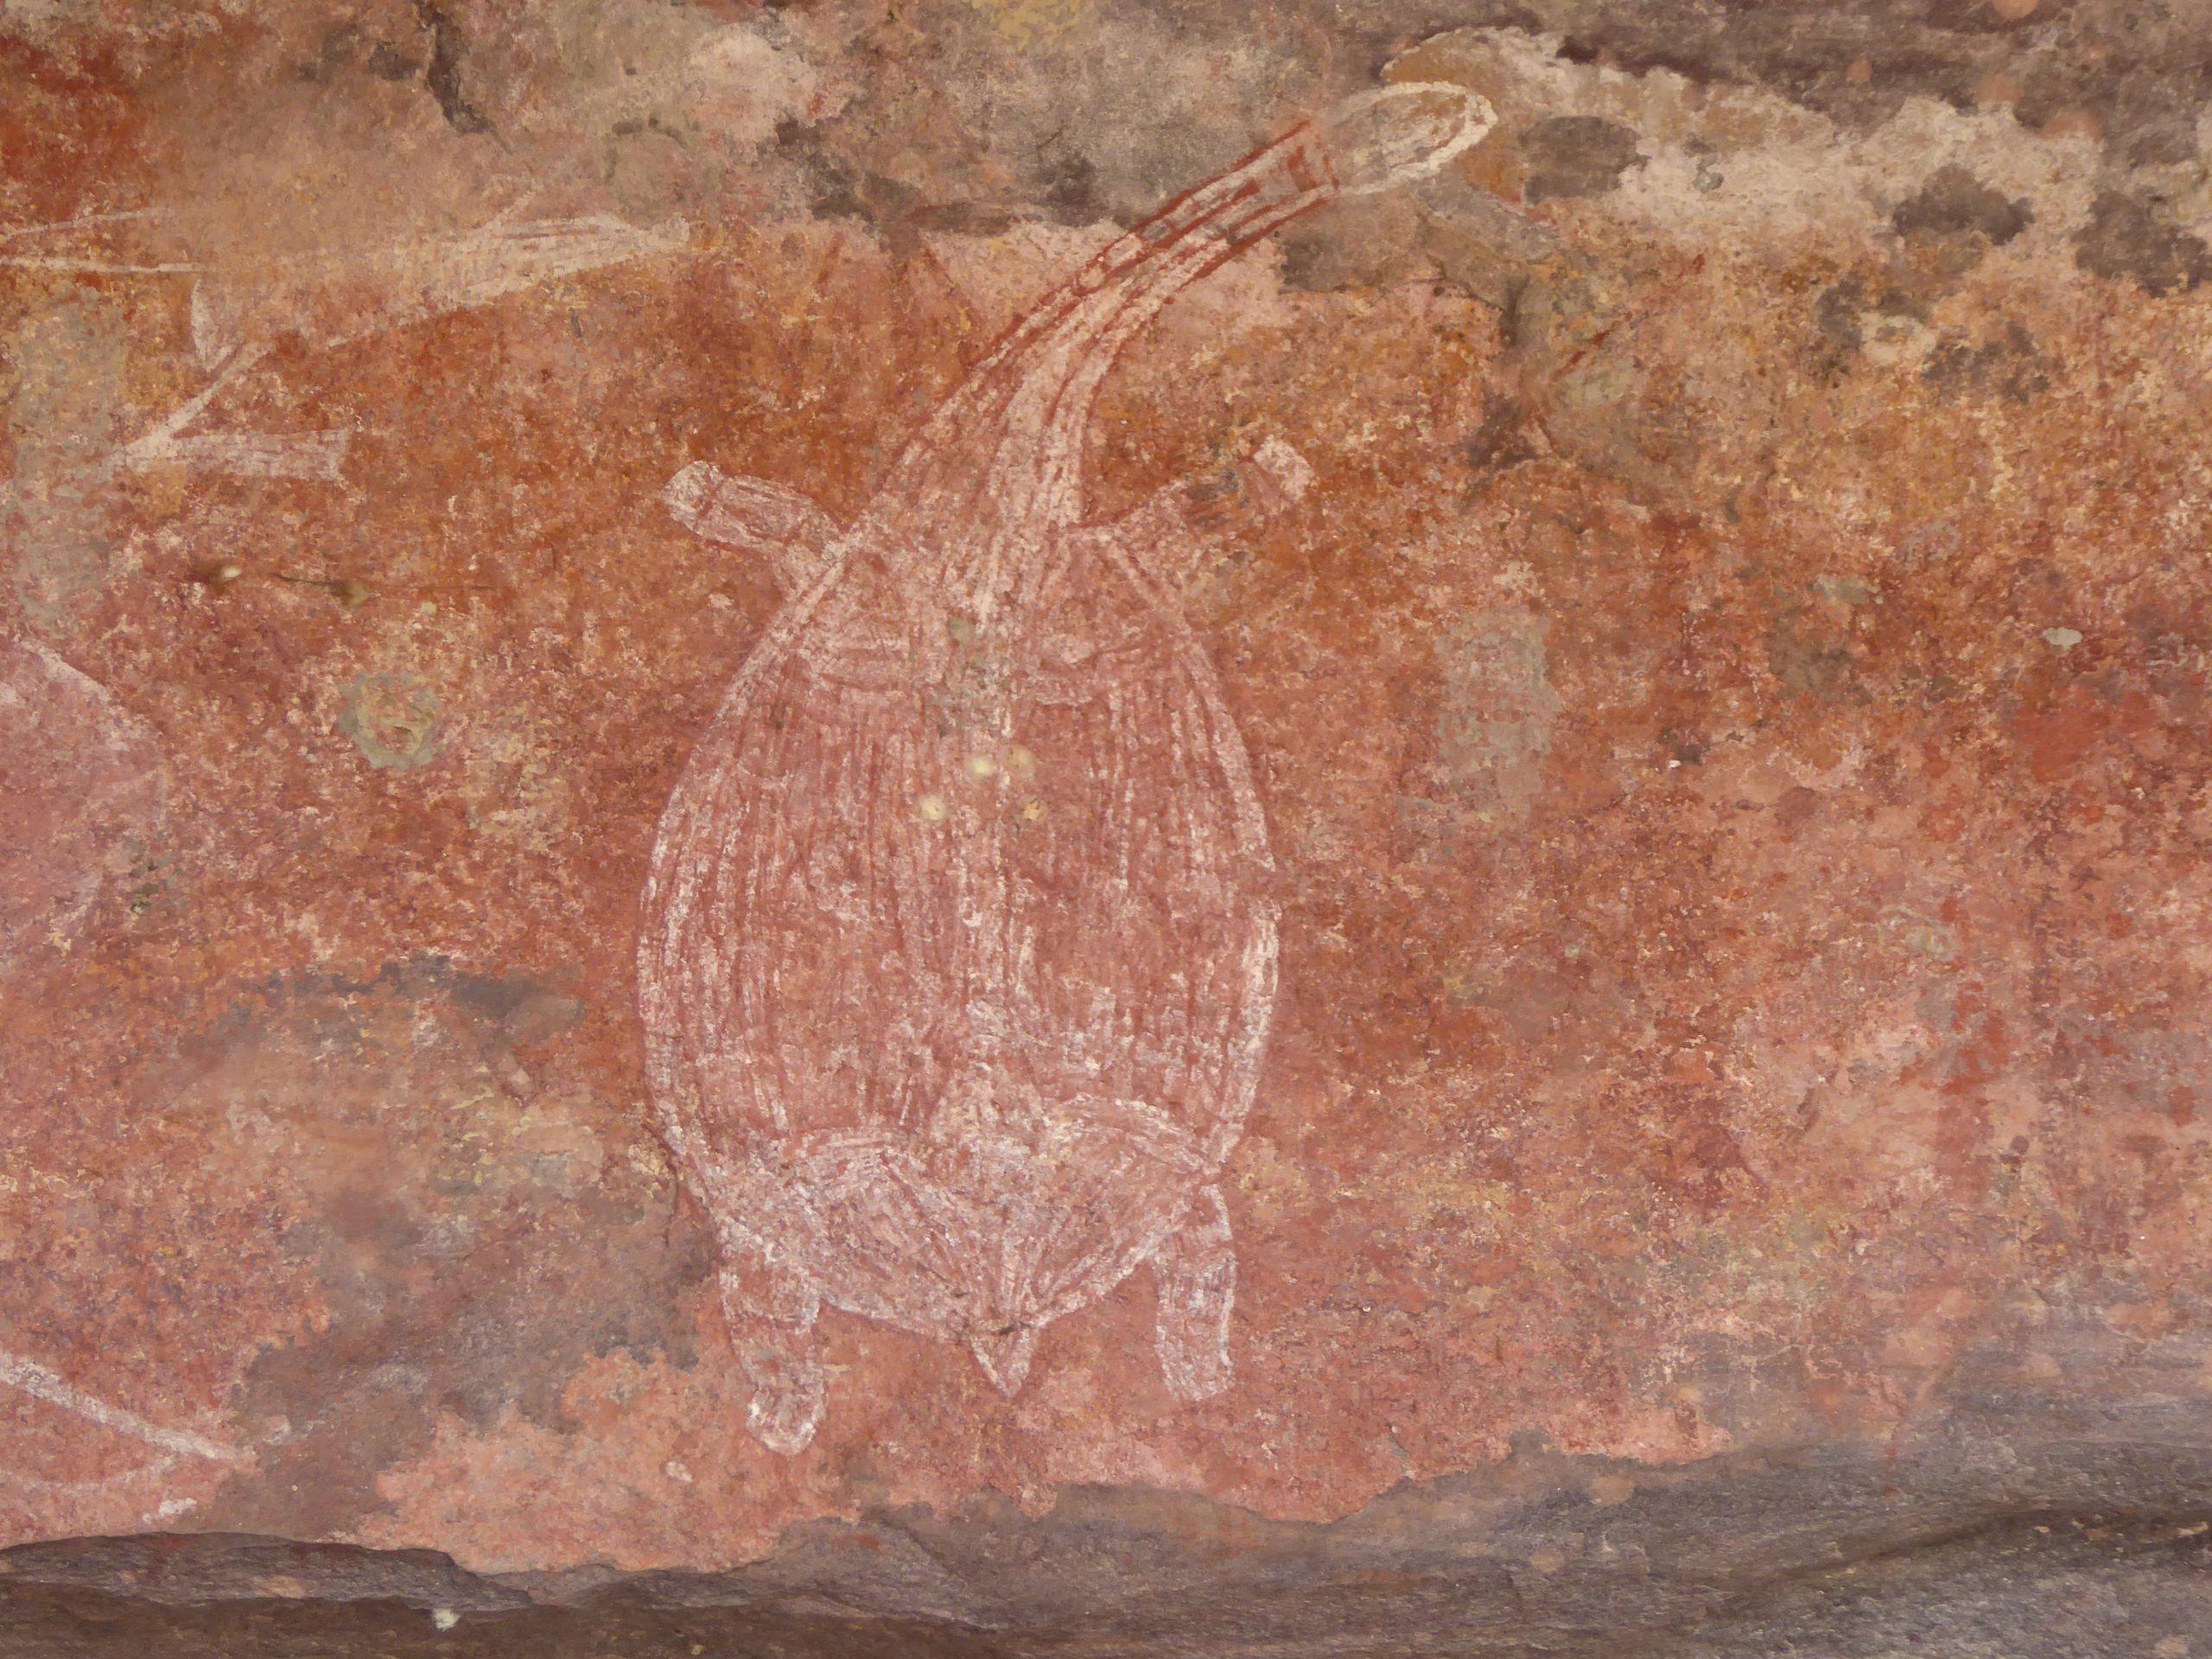 Radreise Australien 2016 - Kakadu NP - Felszeichnung Schildkröte - Ubirr